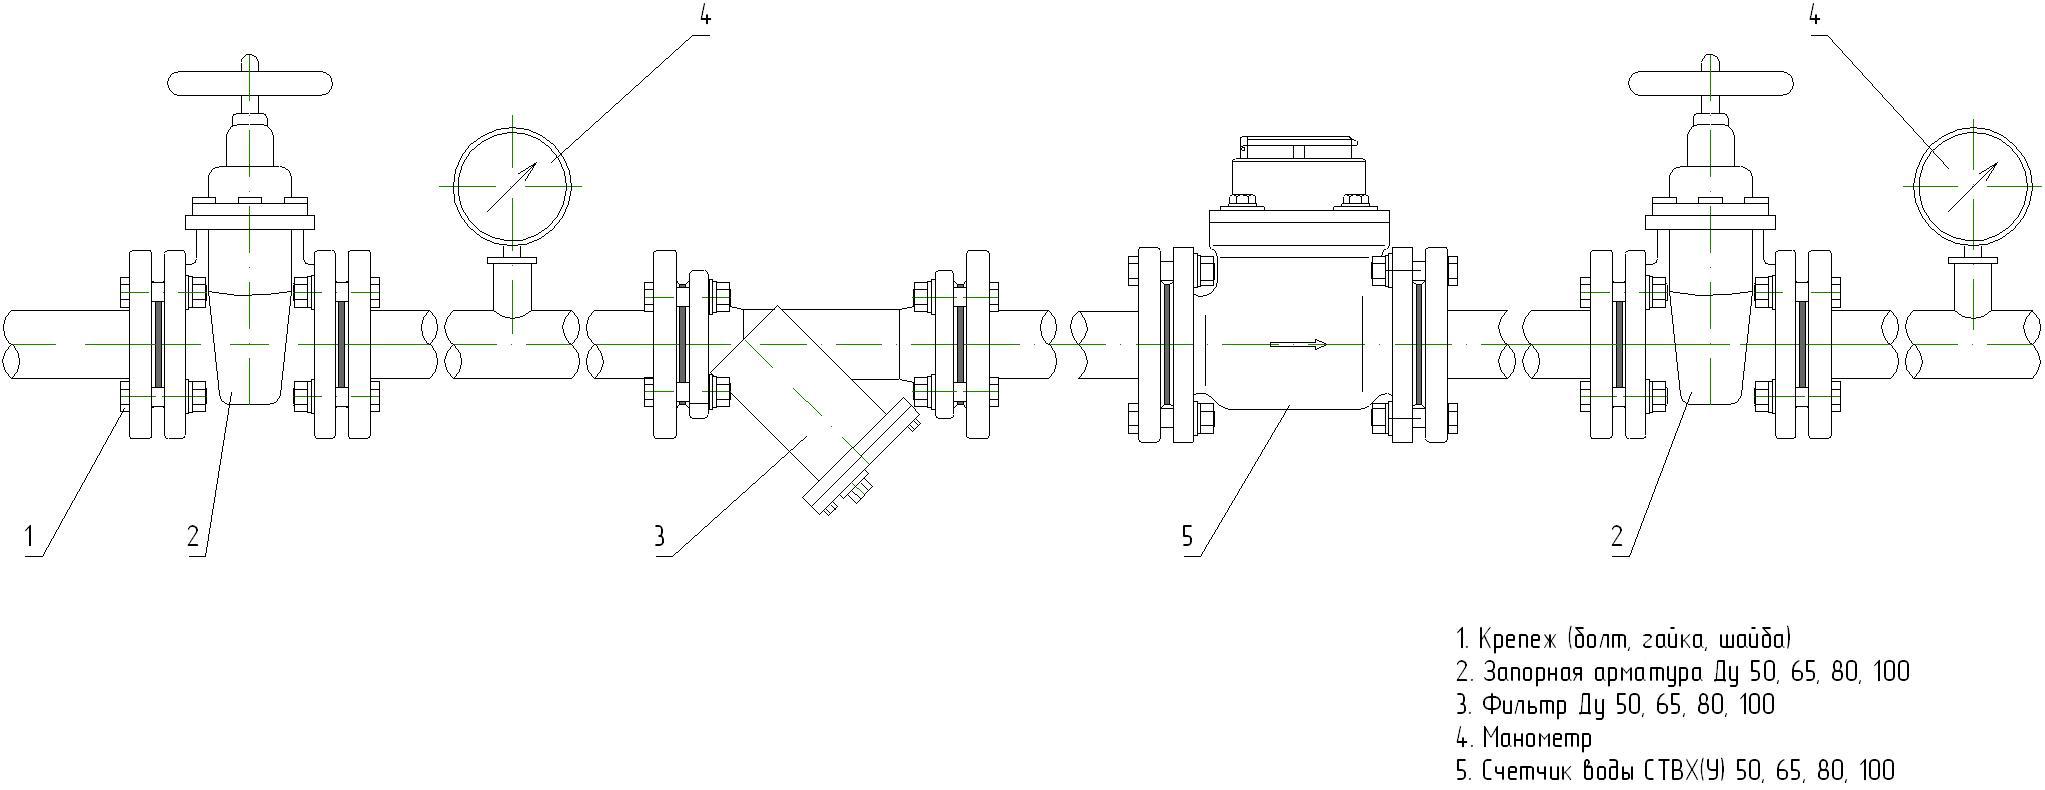 Монтажная схема счетчика воды СТВХ-50 ДГ